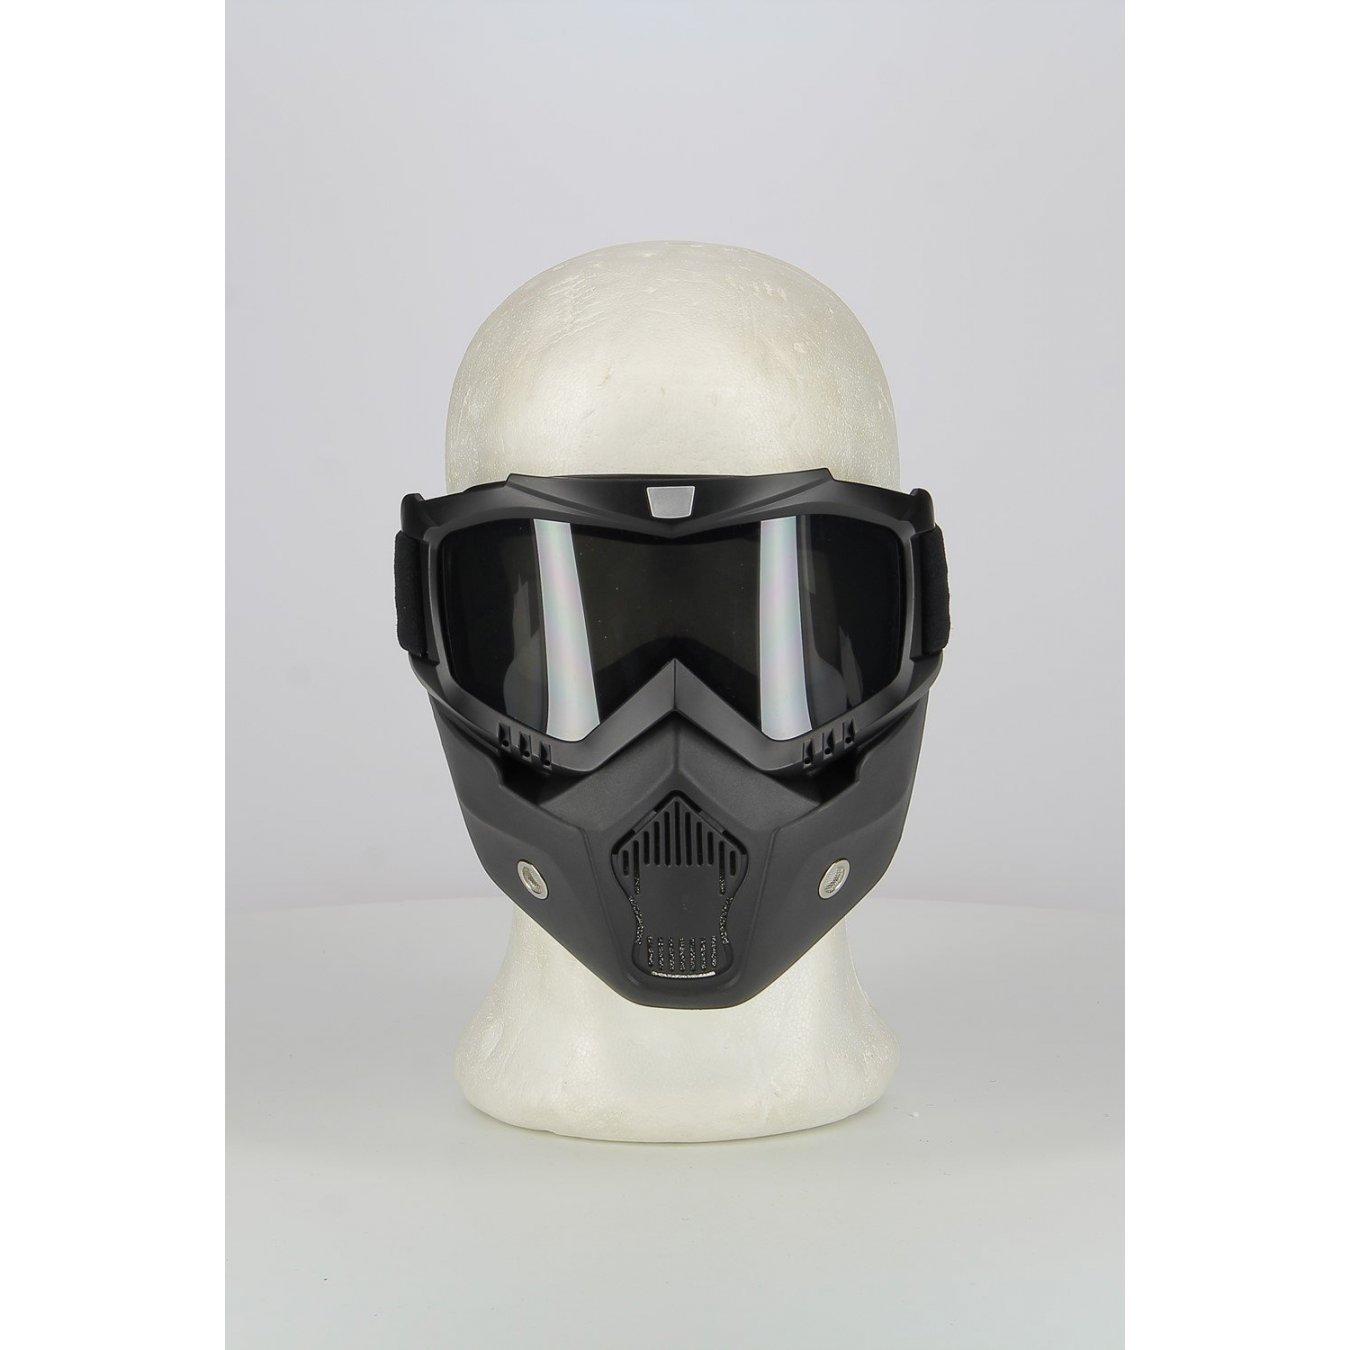 Moto Completo Maschera e Occhiali con Lenti Fum/è per Caschi Aperti